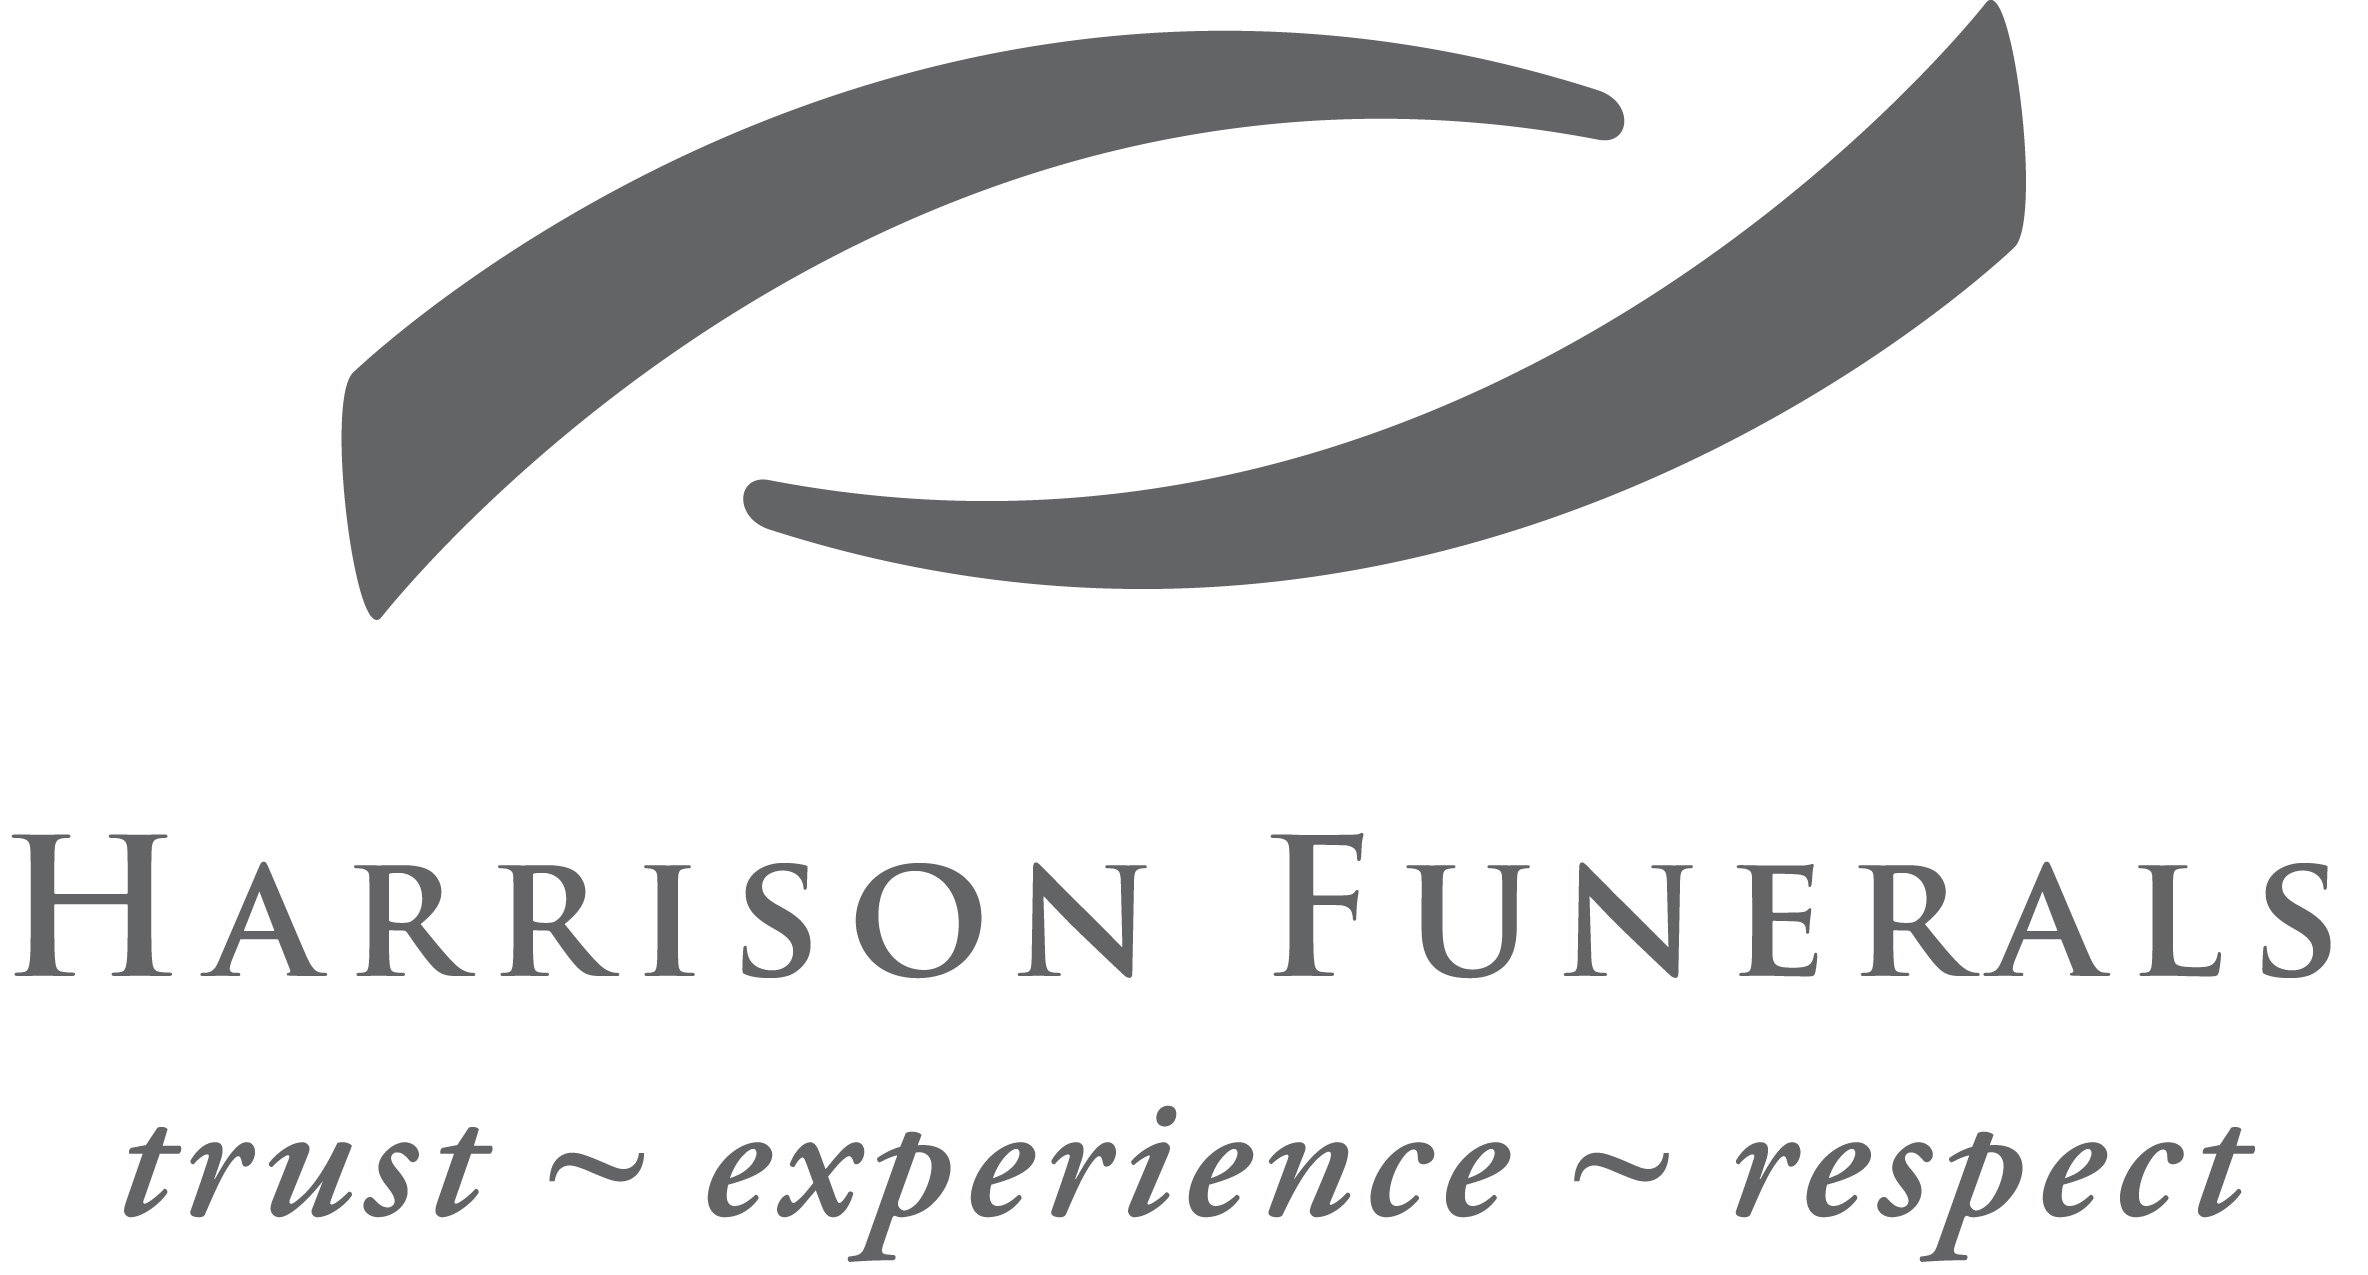 Harrison Funerals Hi_Res_RGB